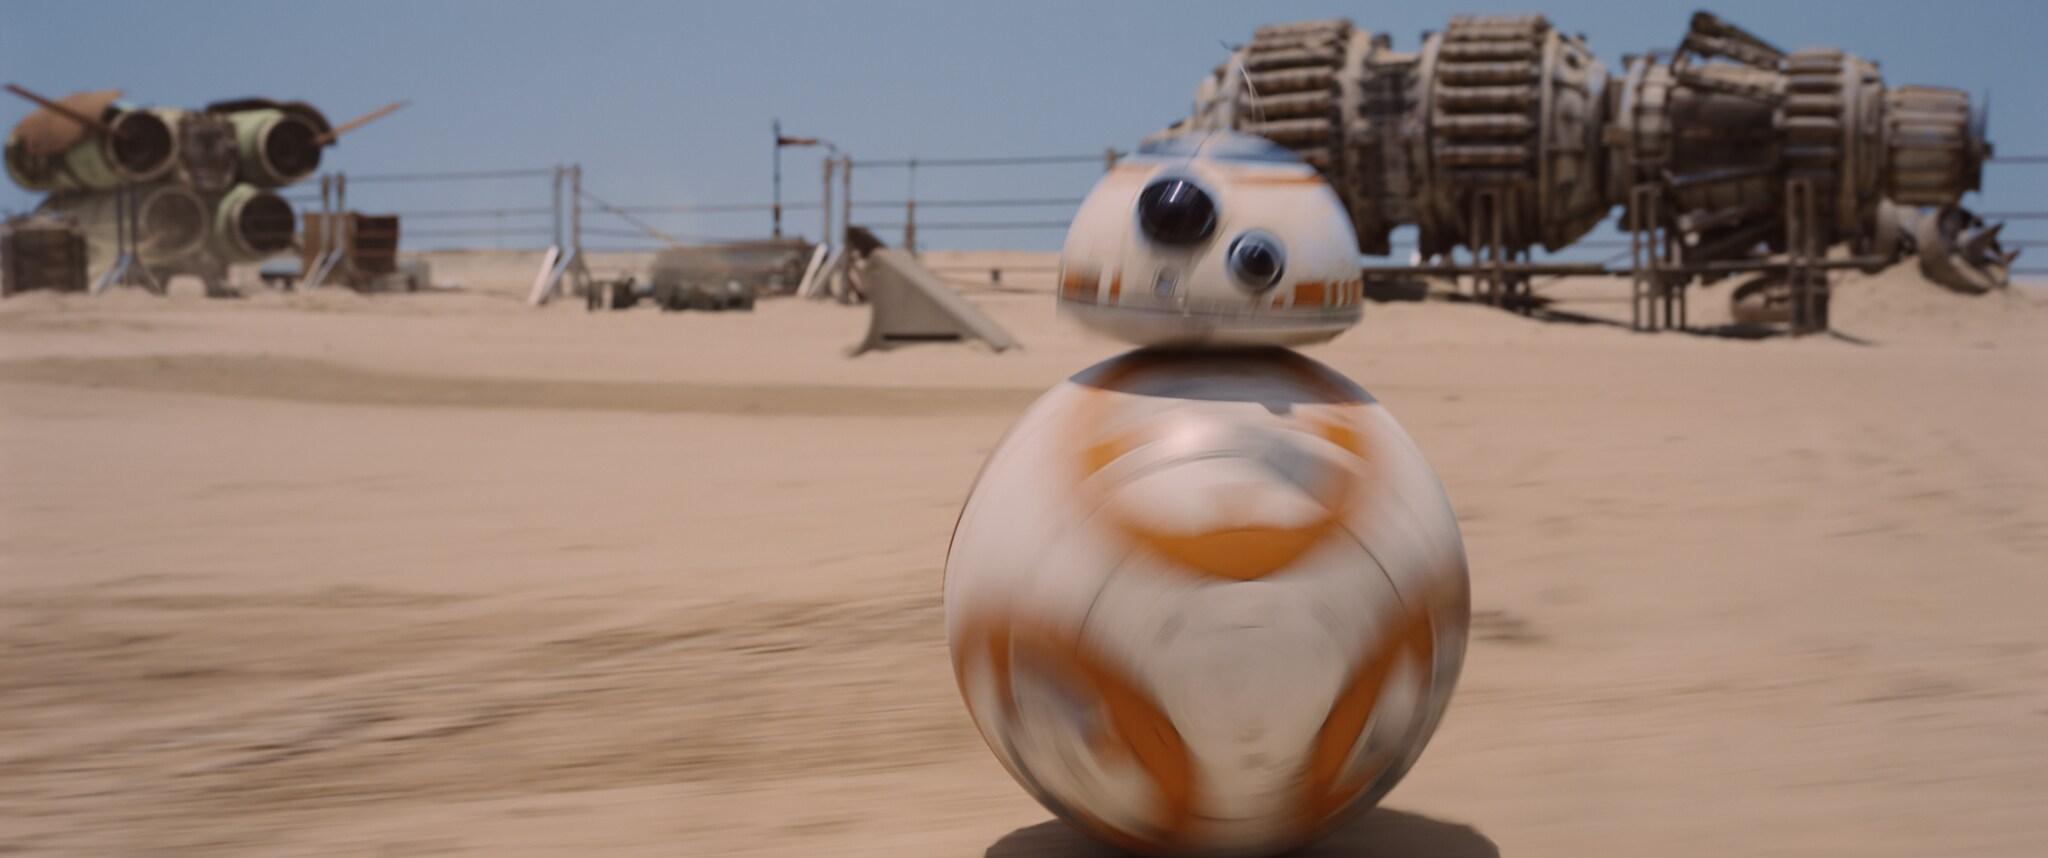 BB-8 in the desert.